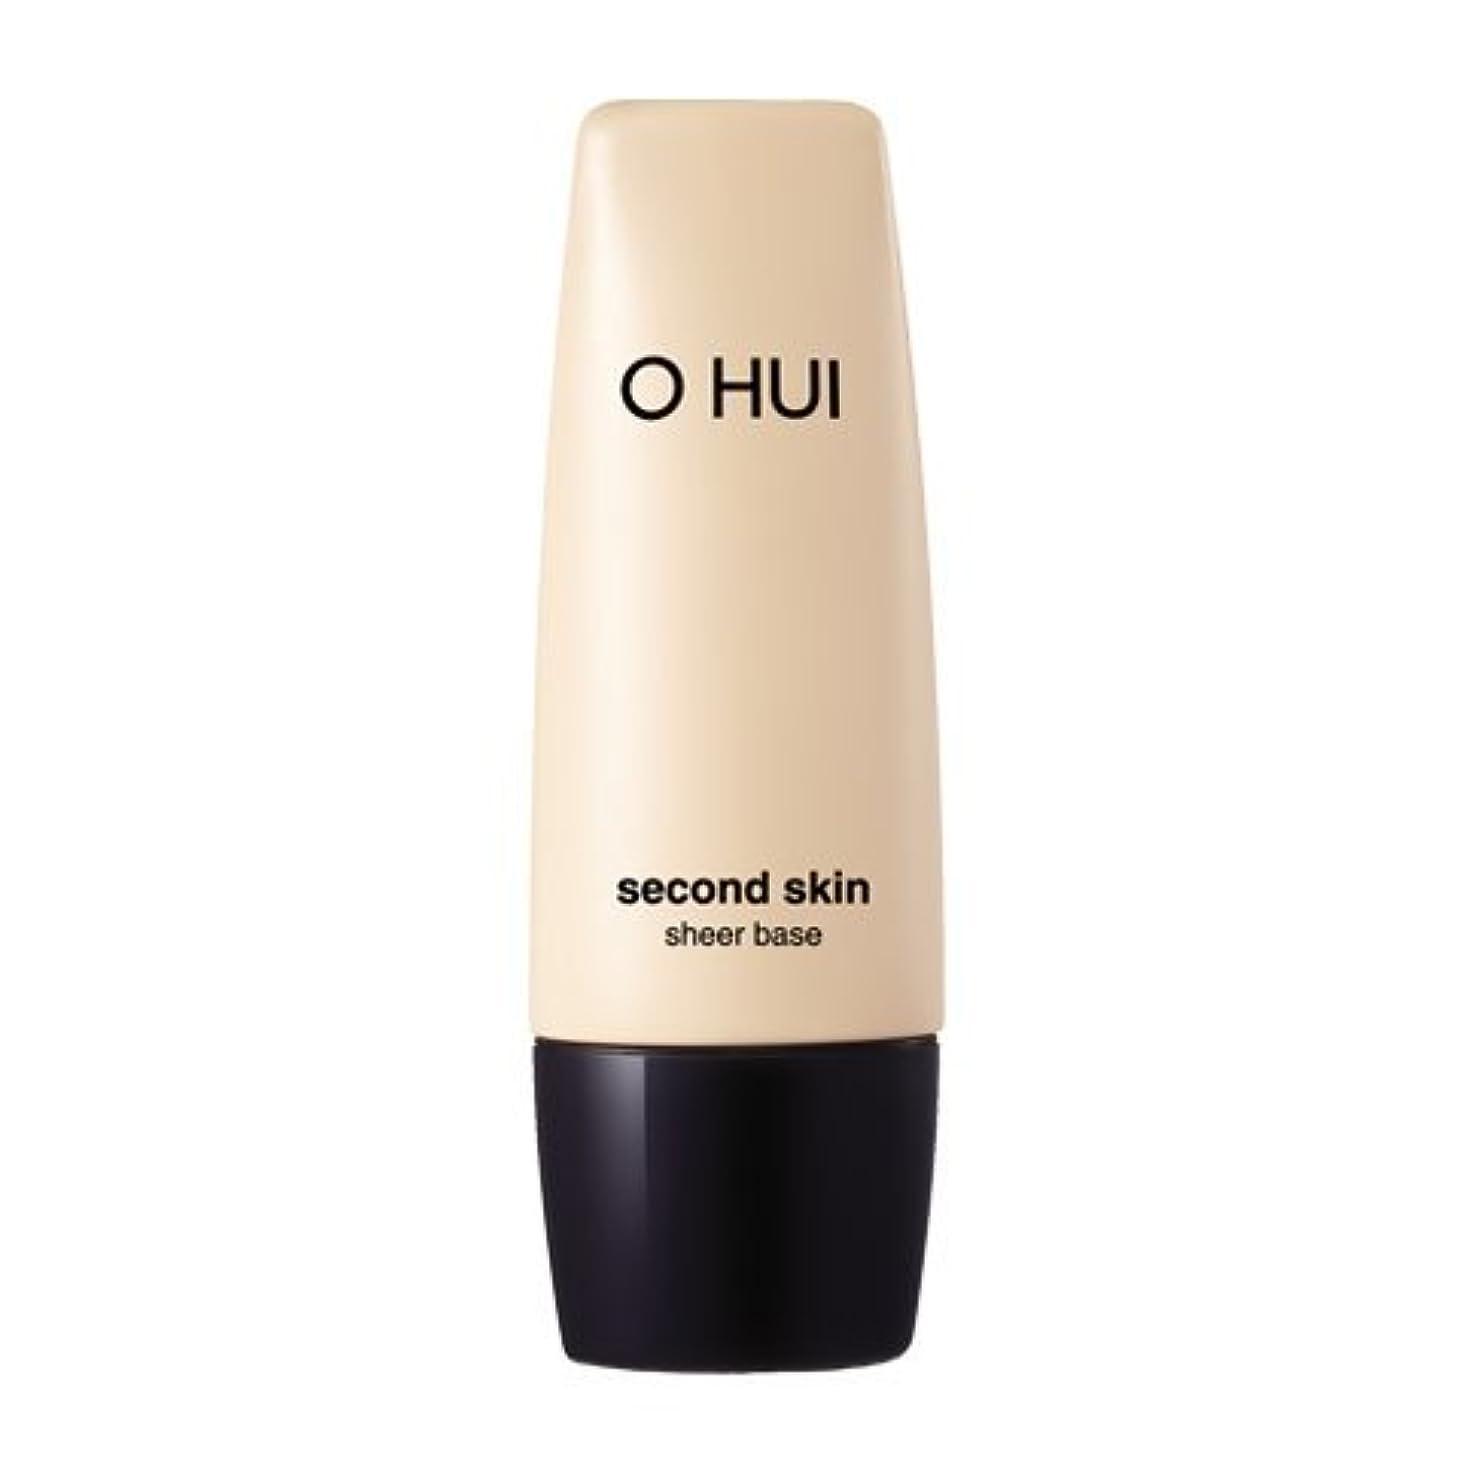 カイウス特別な立場OHUI Second Skin Sheer Base 40ml/オフィ セカンド スキン シア ベース 40ml